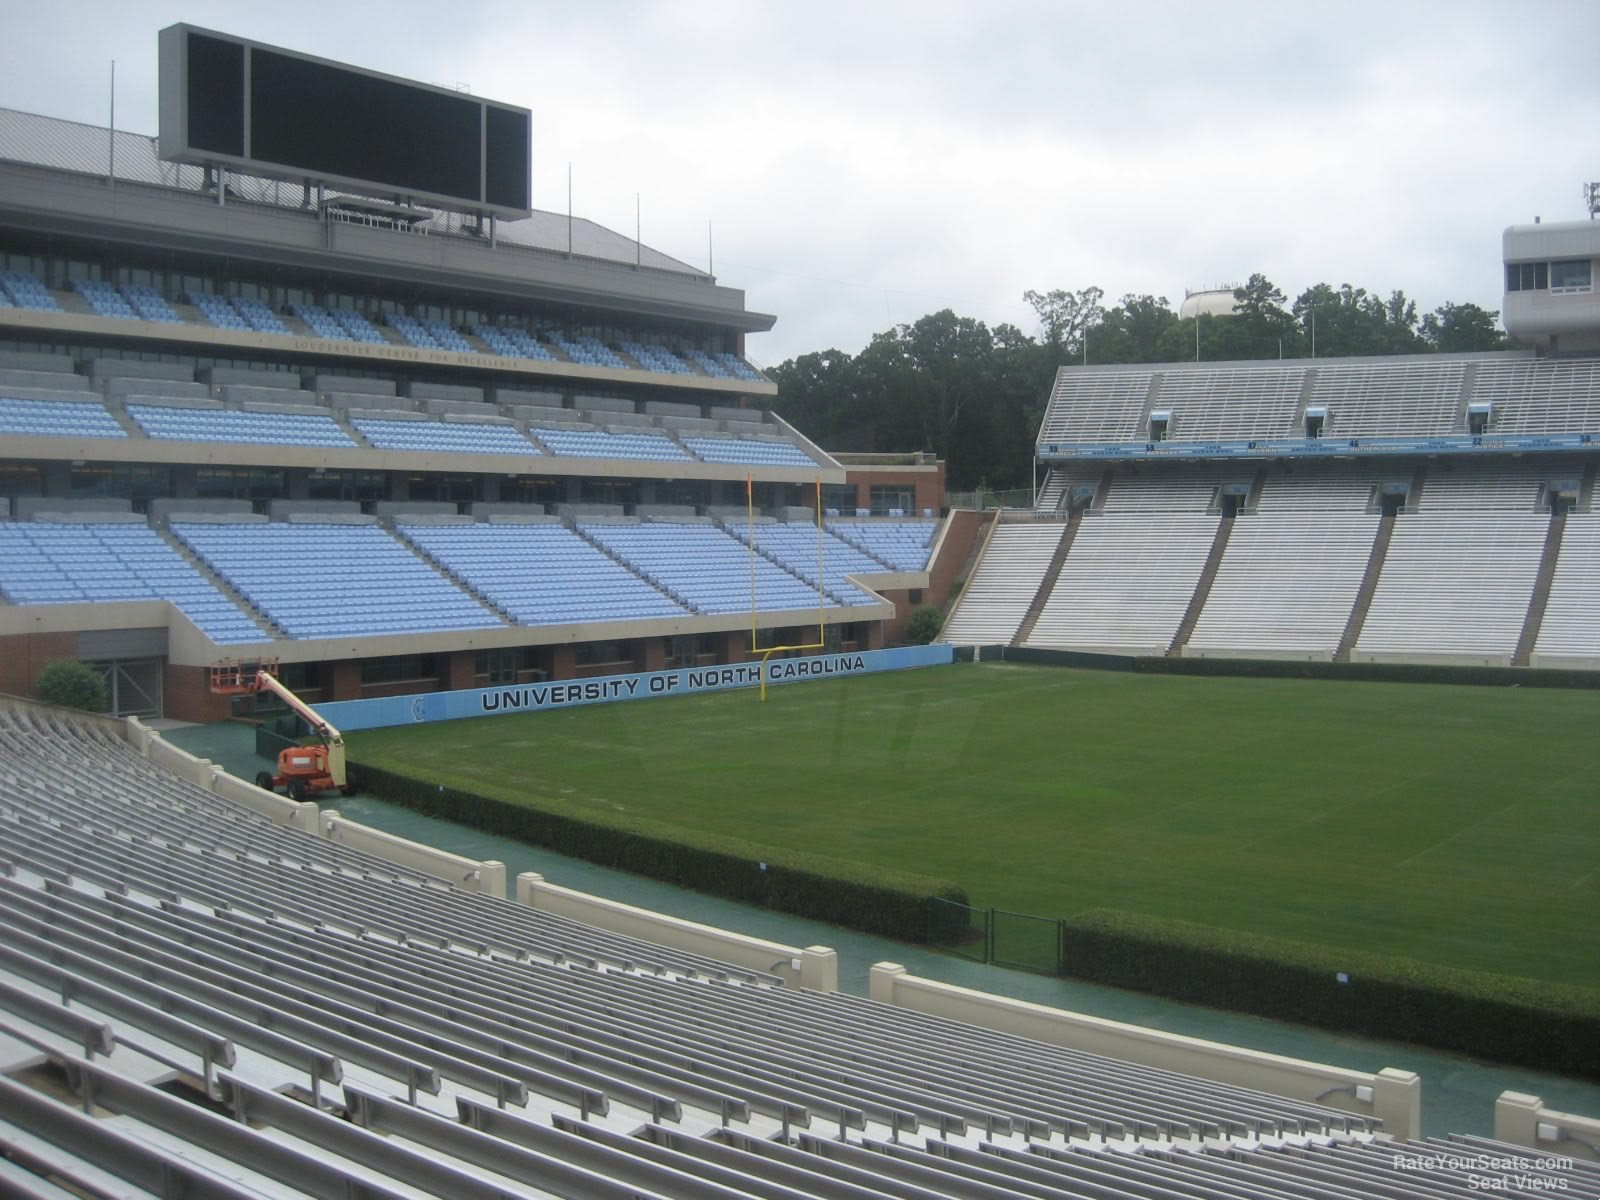 Triple Aaa Number >> Kenan Memorial Stadium Section 106 - RateYourSeats.com